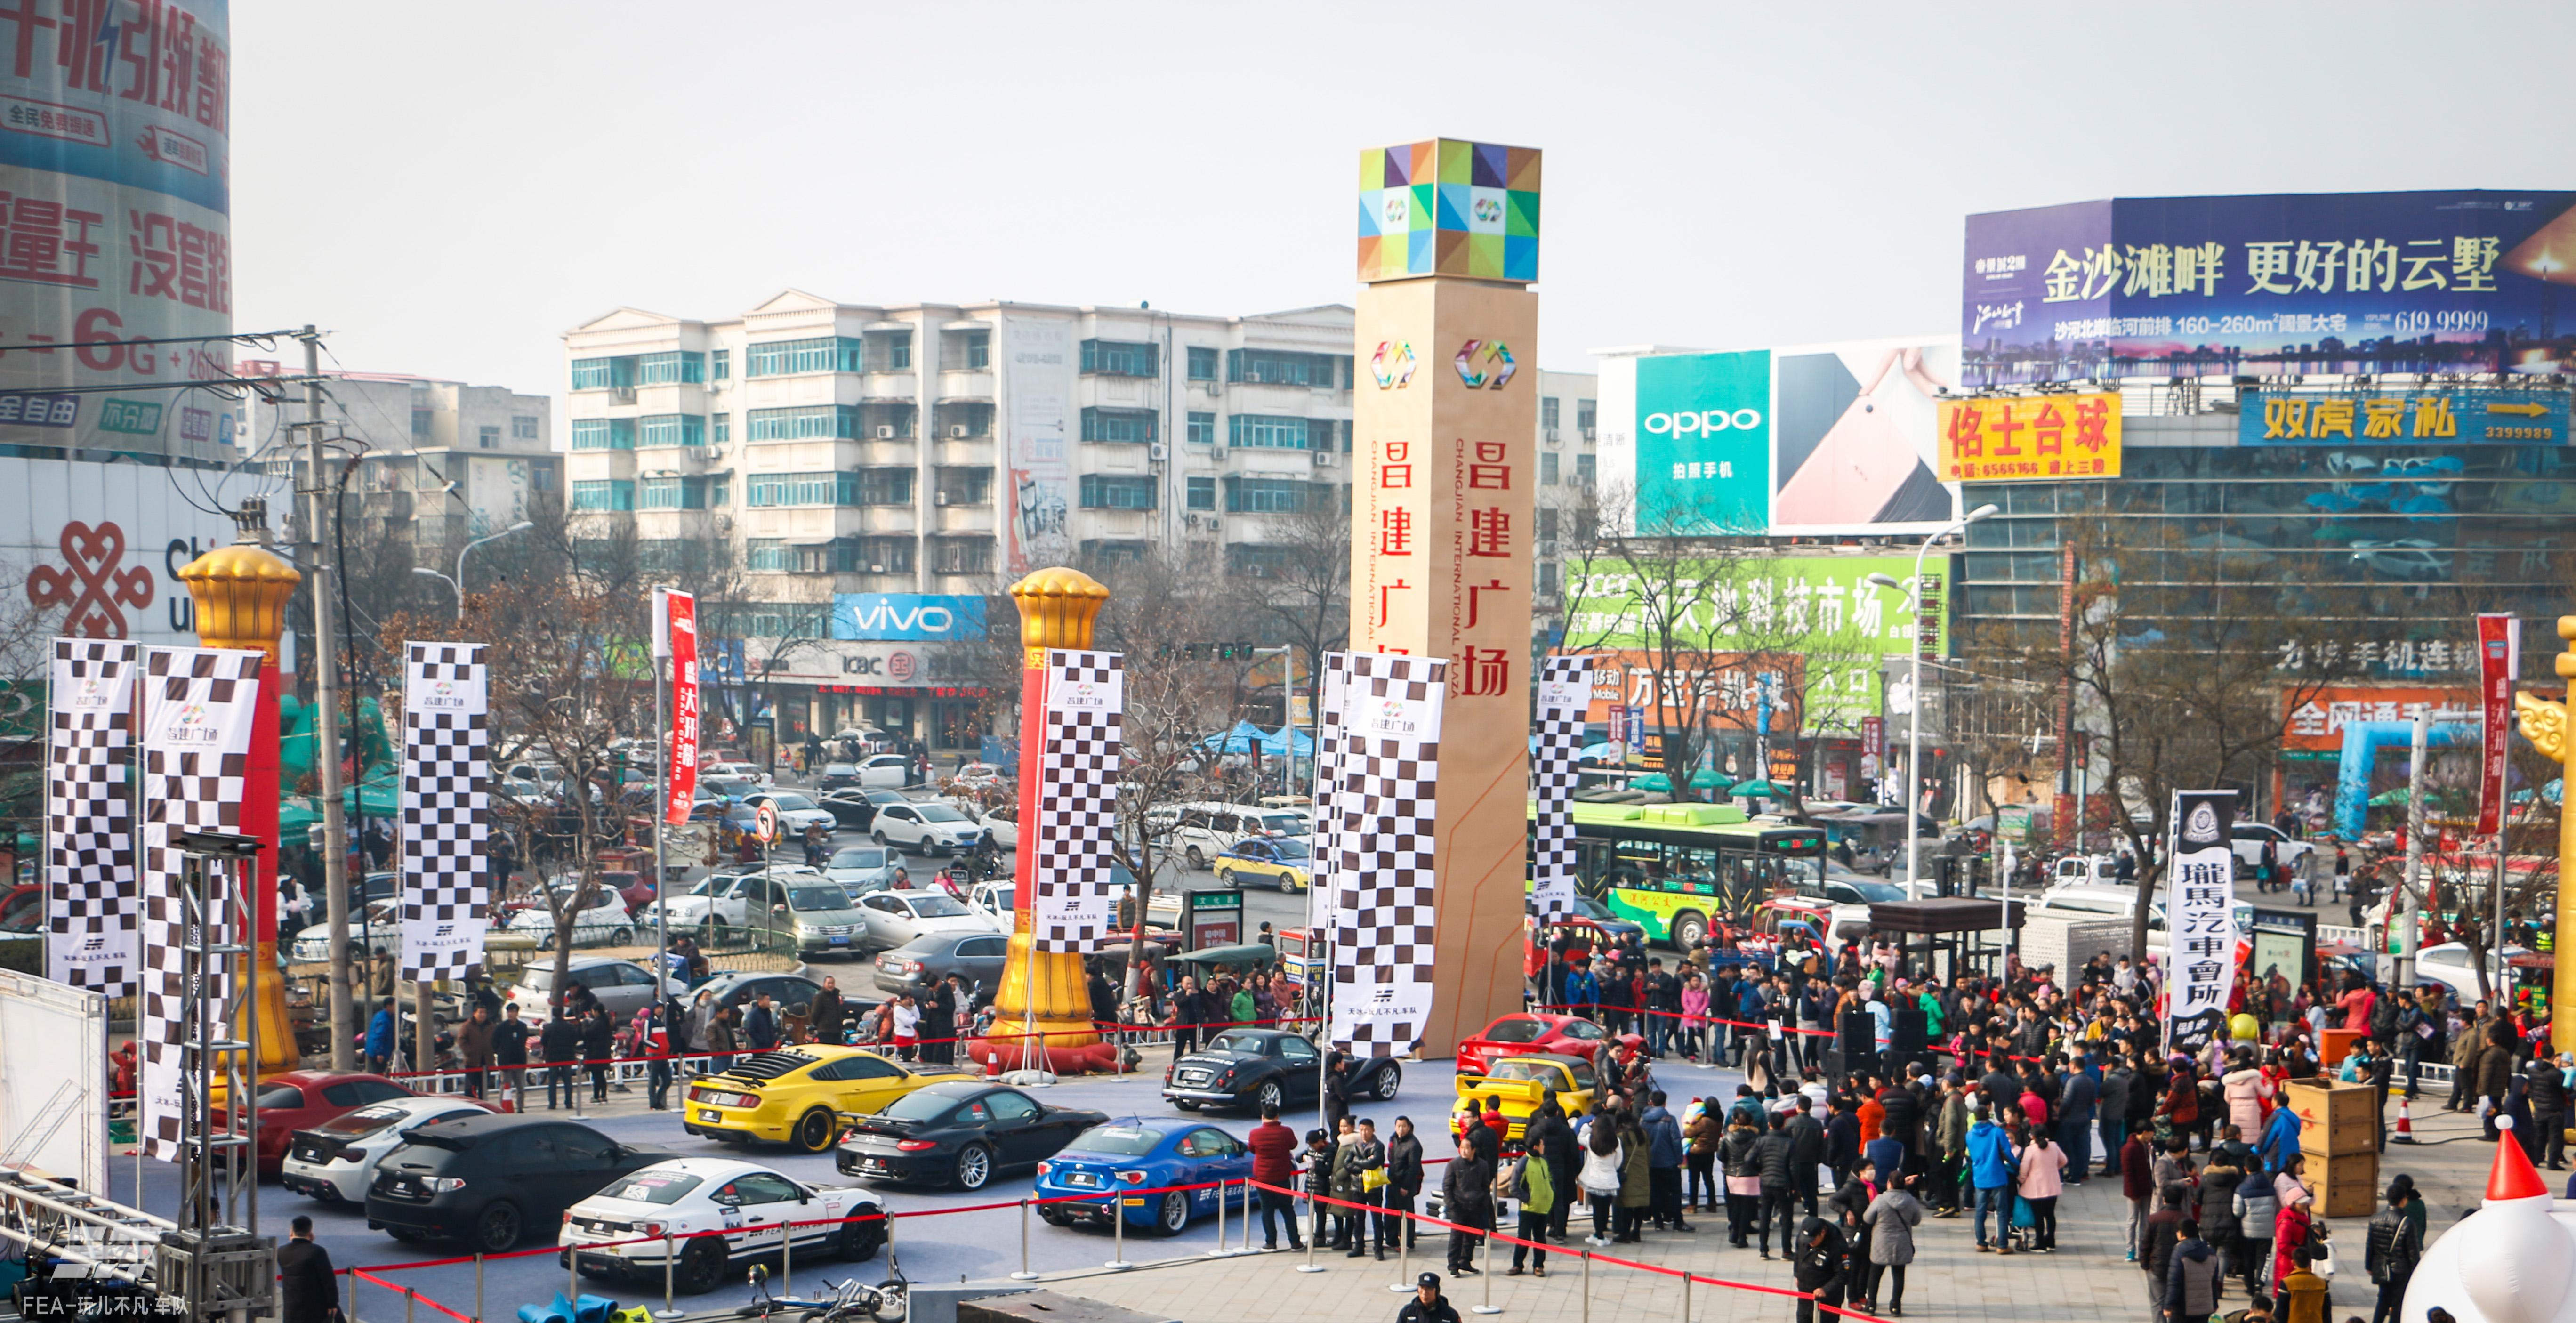 玩儿不凡联合漯河昌建广场庆祝元旦盛典